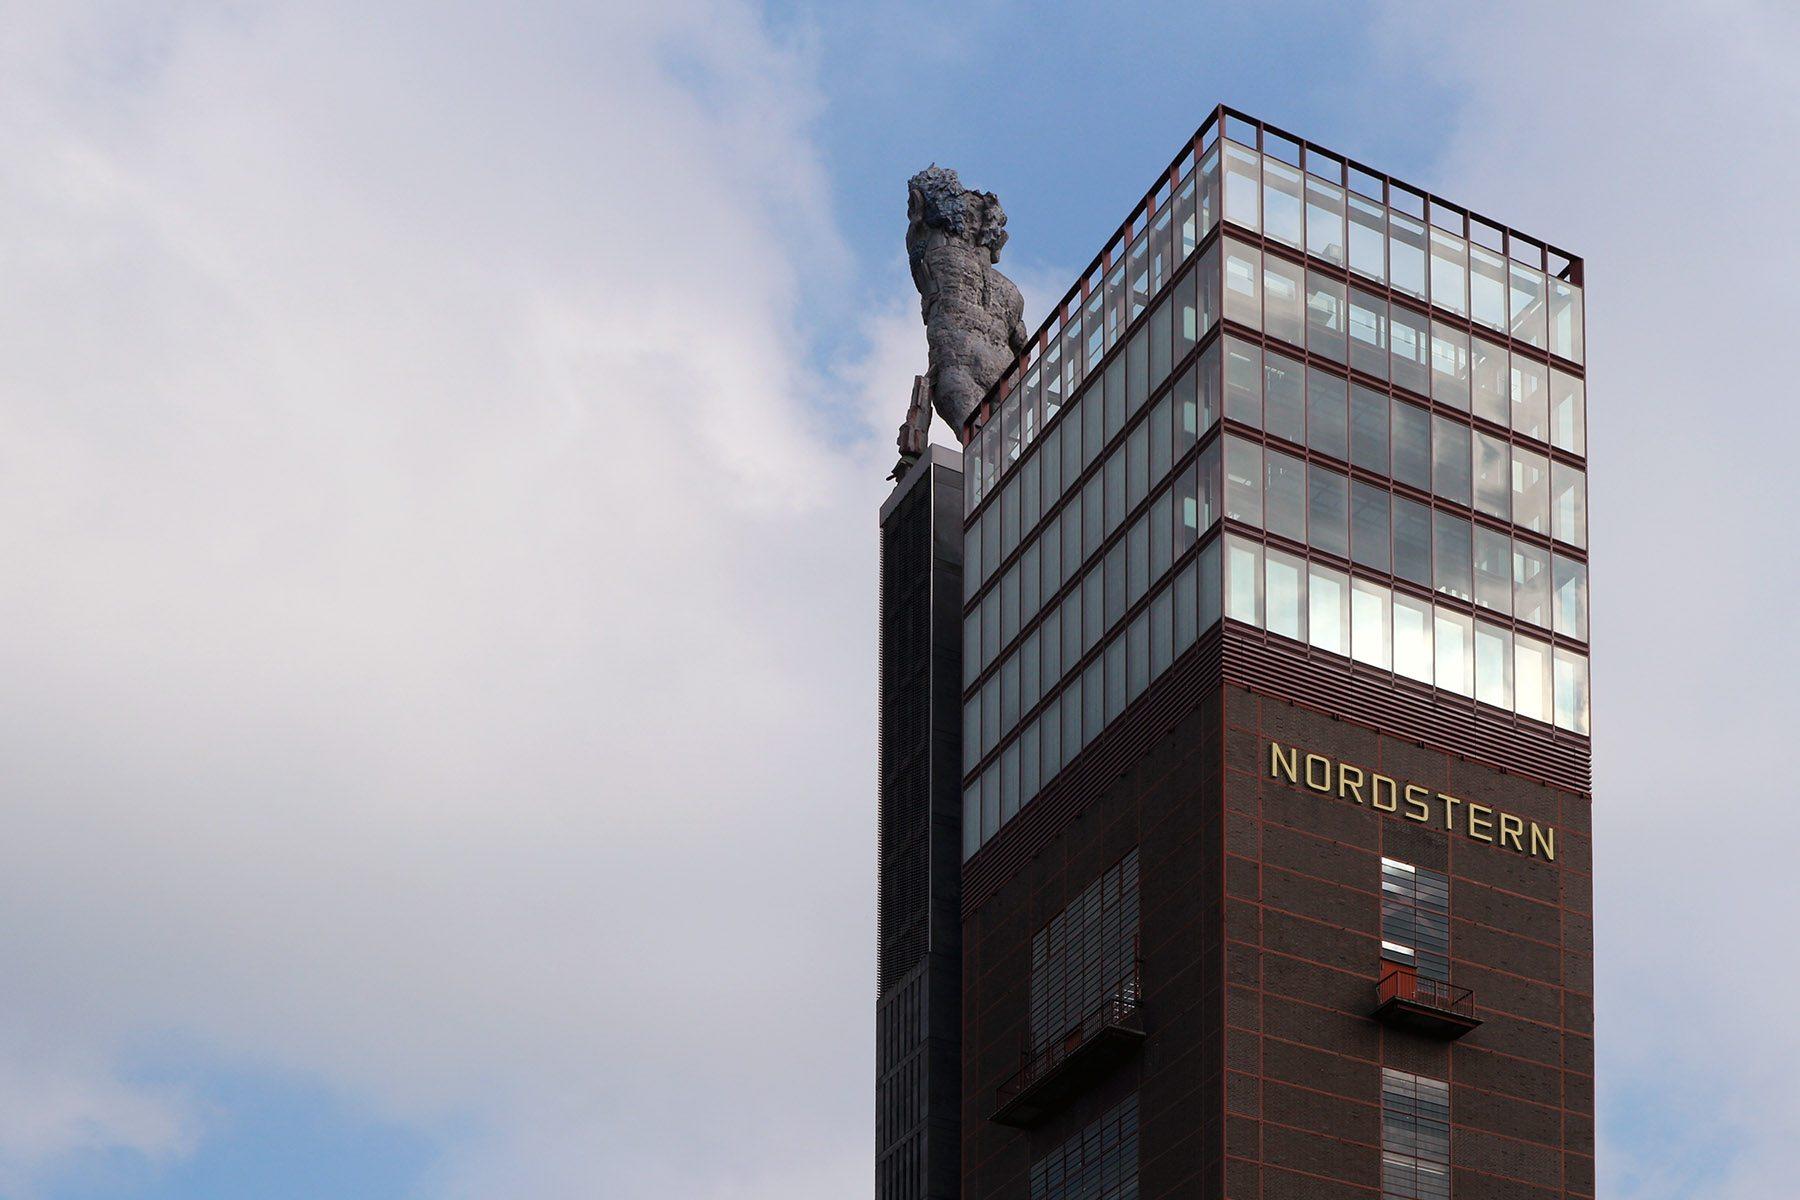 Nordsternpark.  mit dem Nordsternturm und der Großskulptur des einarmigen Herkules von Markus Lüpertz.